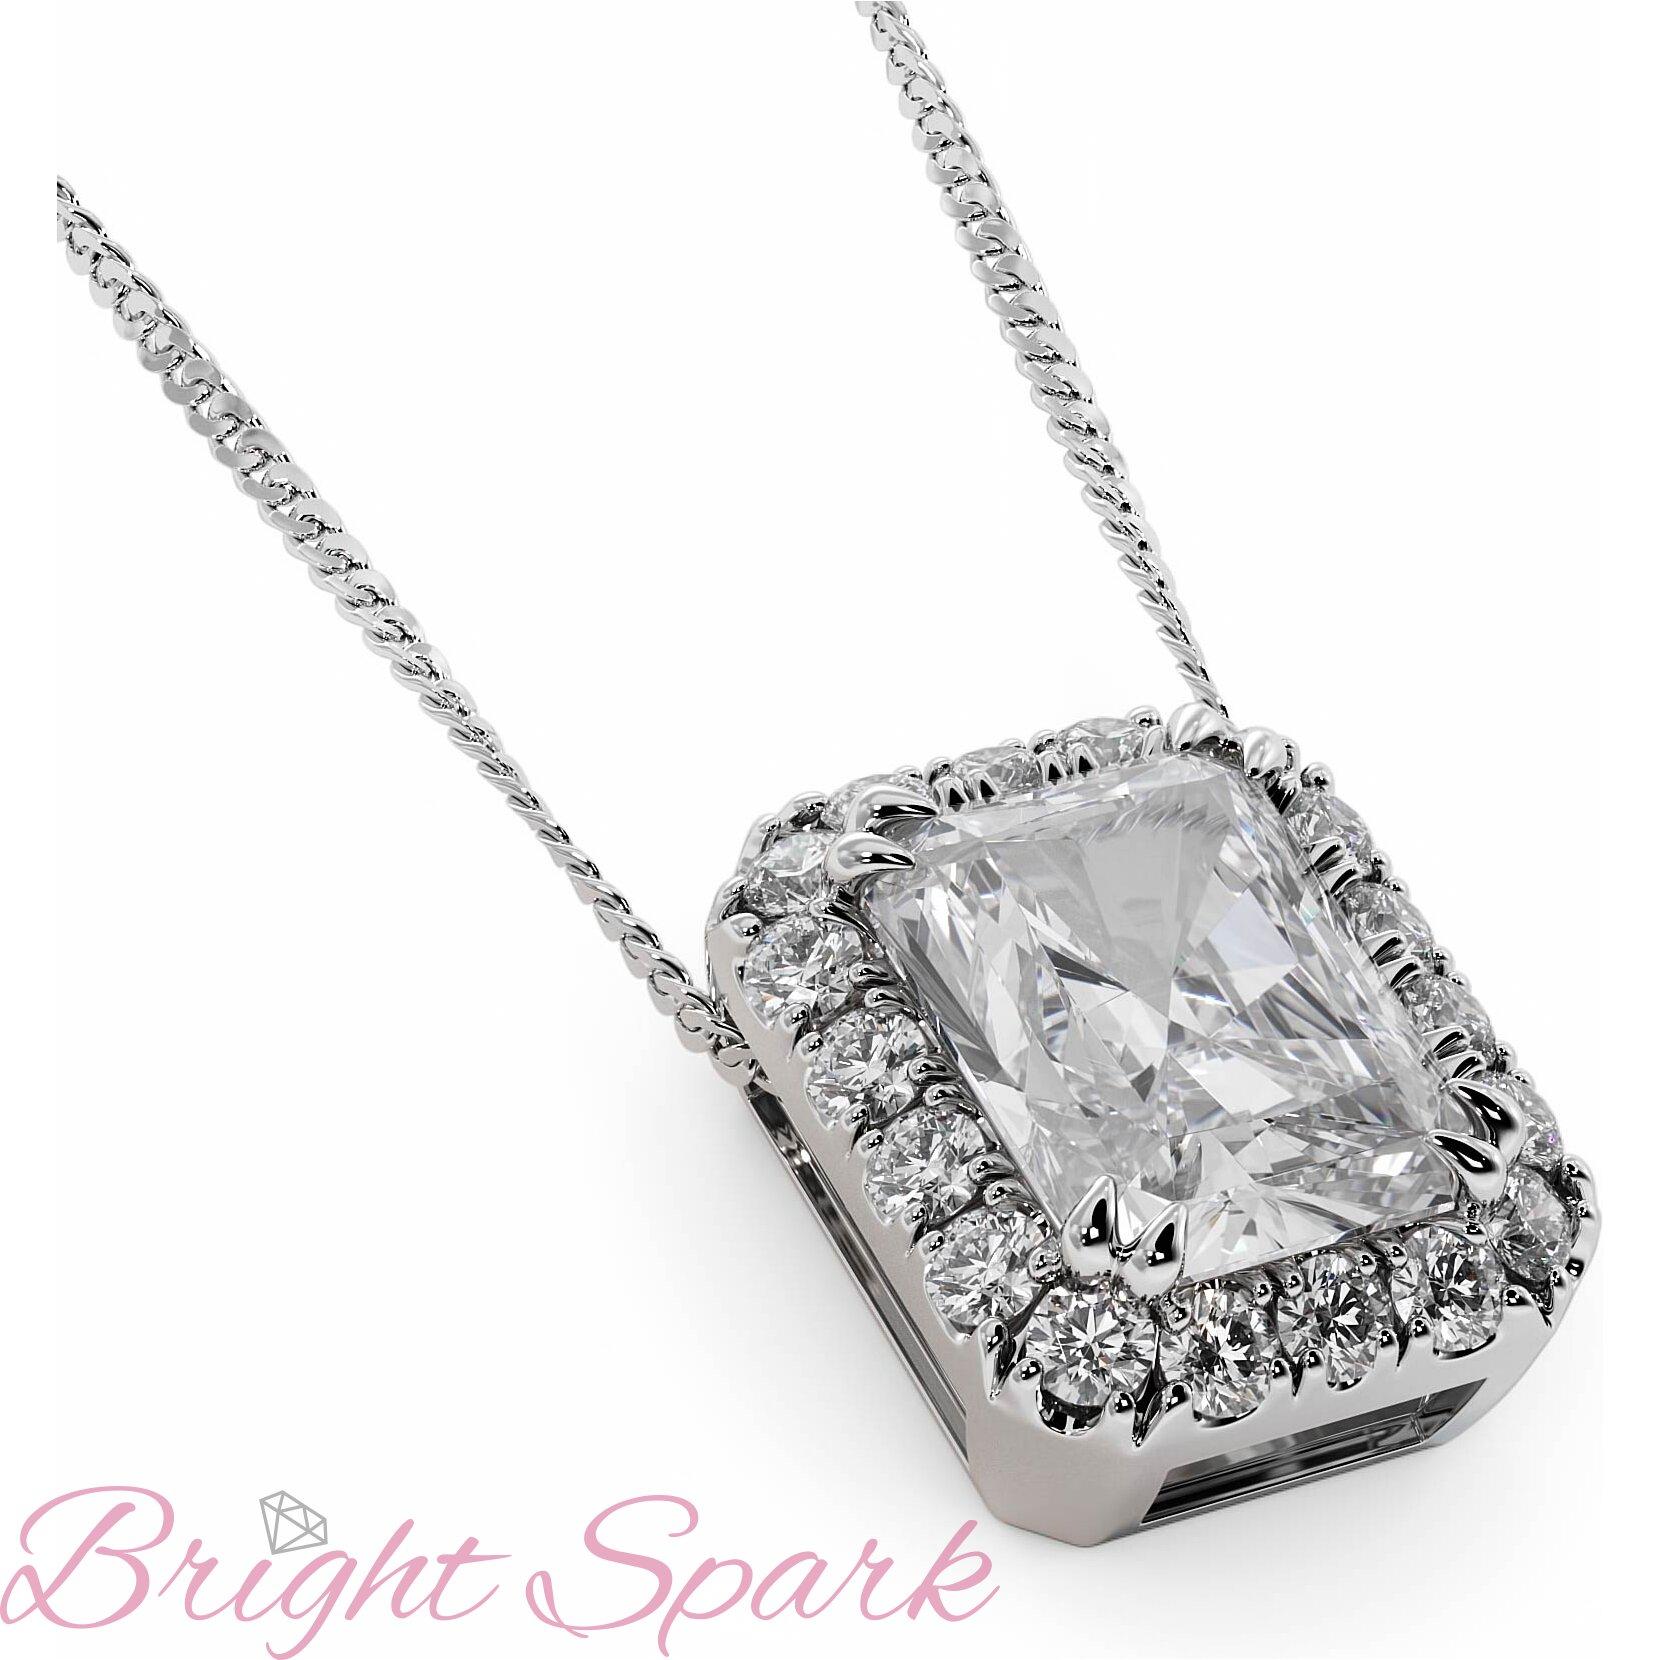 Кулон белого золота с бриллиантом огранки радиант в ореоле 1,9 карата Bertha